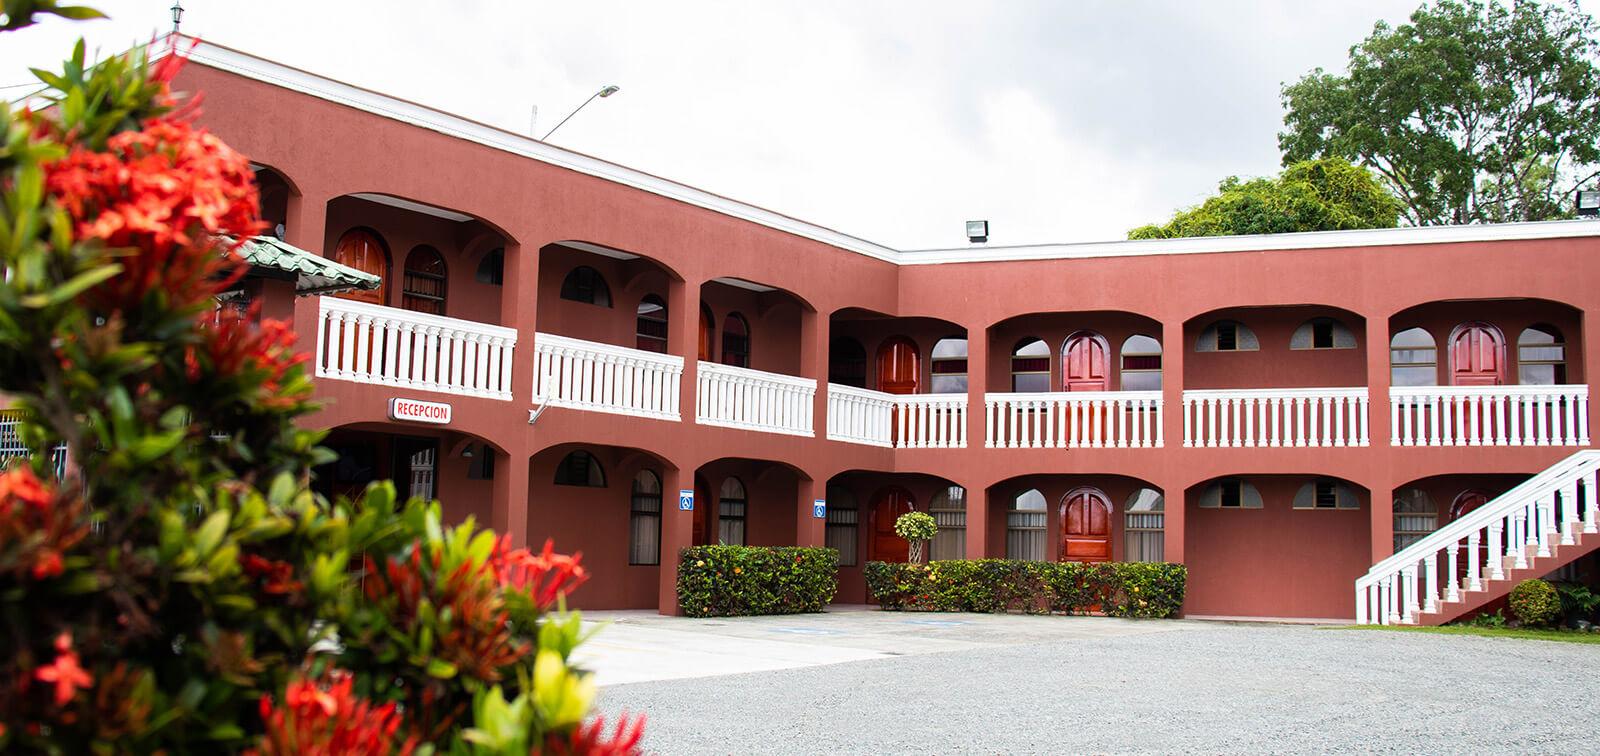 Hotel Montecito en Pérez Zeledón